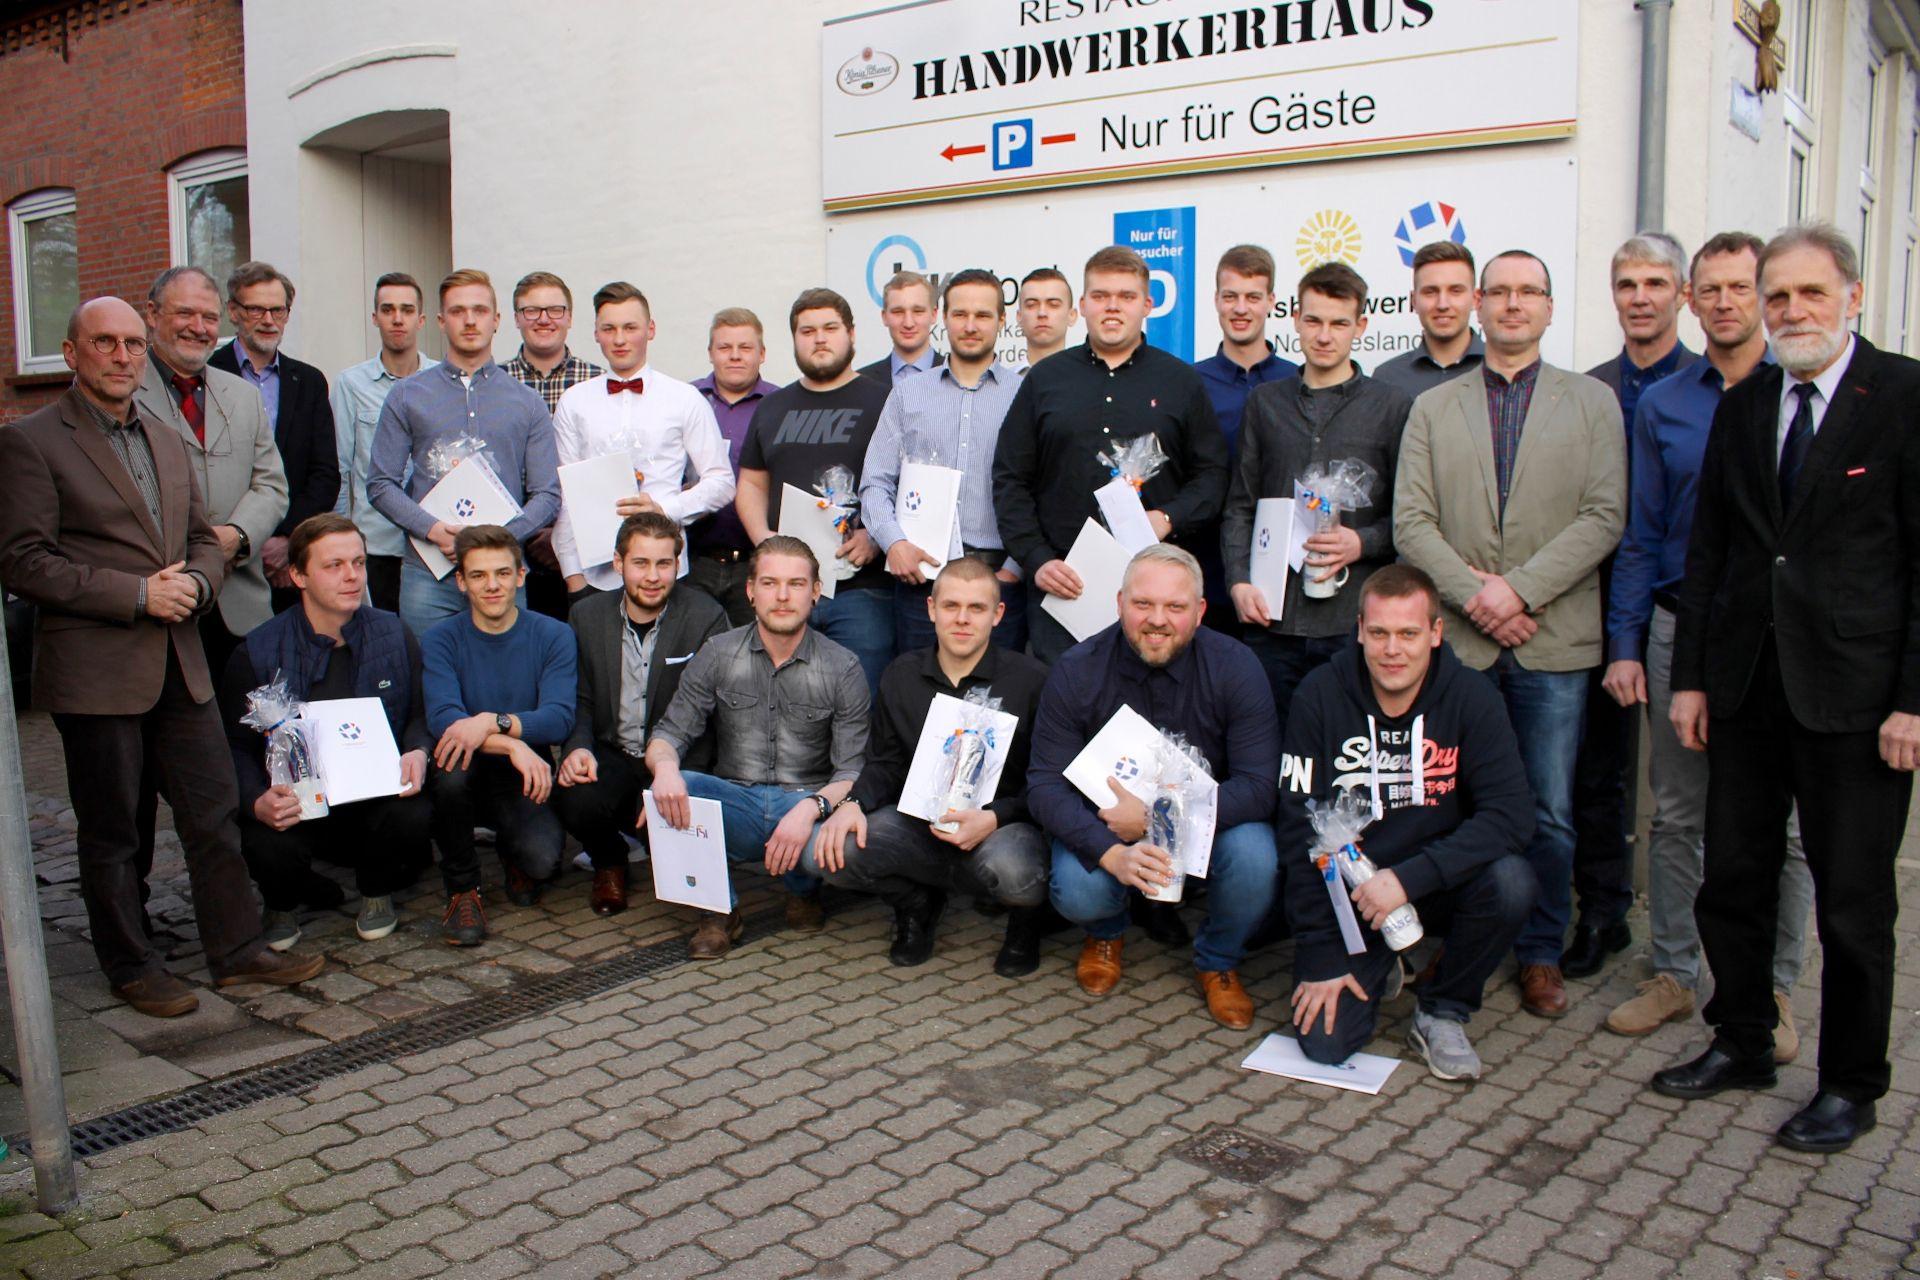 Handwerk Nordfriesland  Anlagenmechaniker im Handwerkerhaus freigesprochen